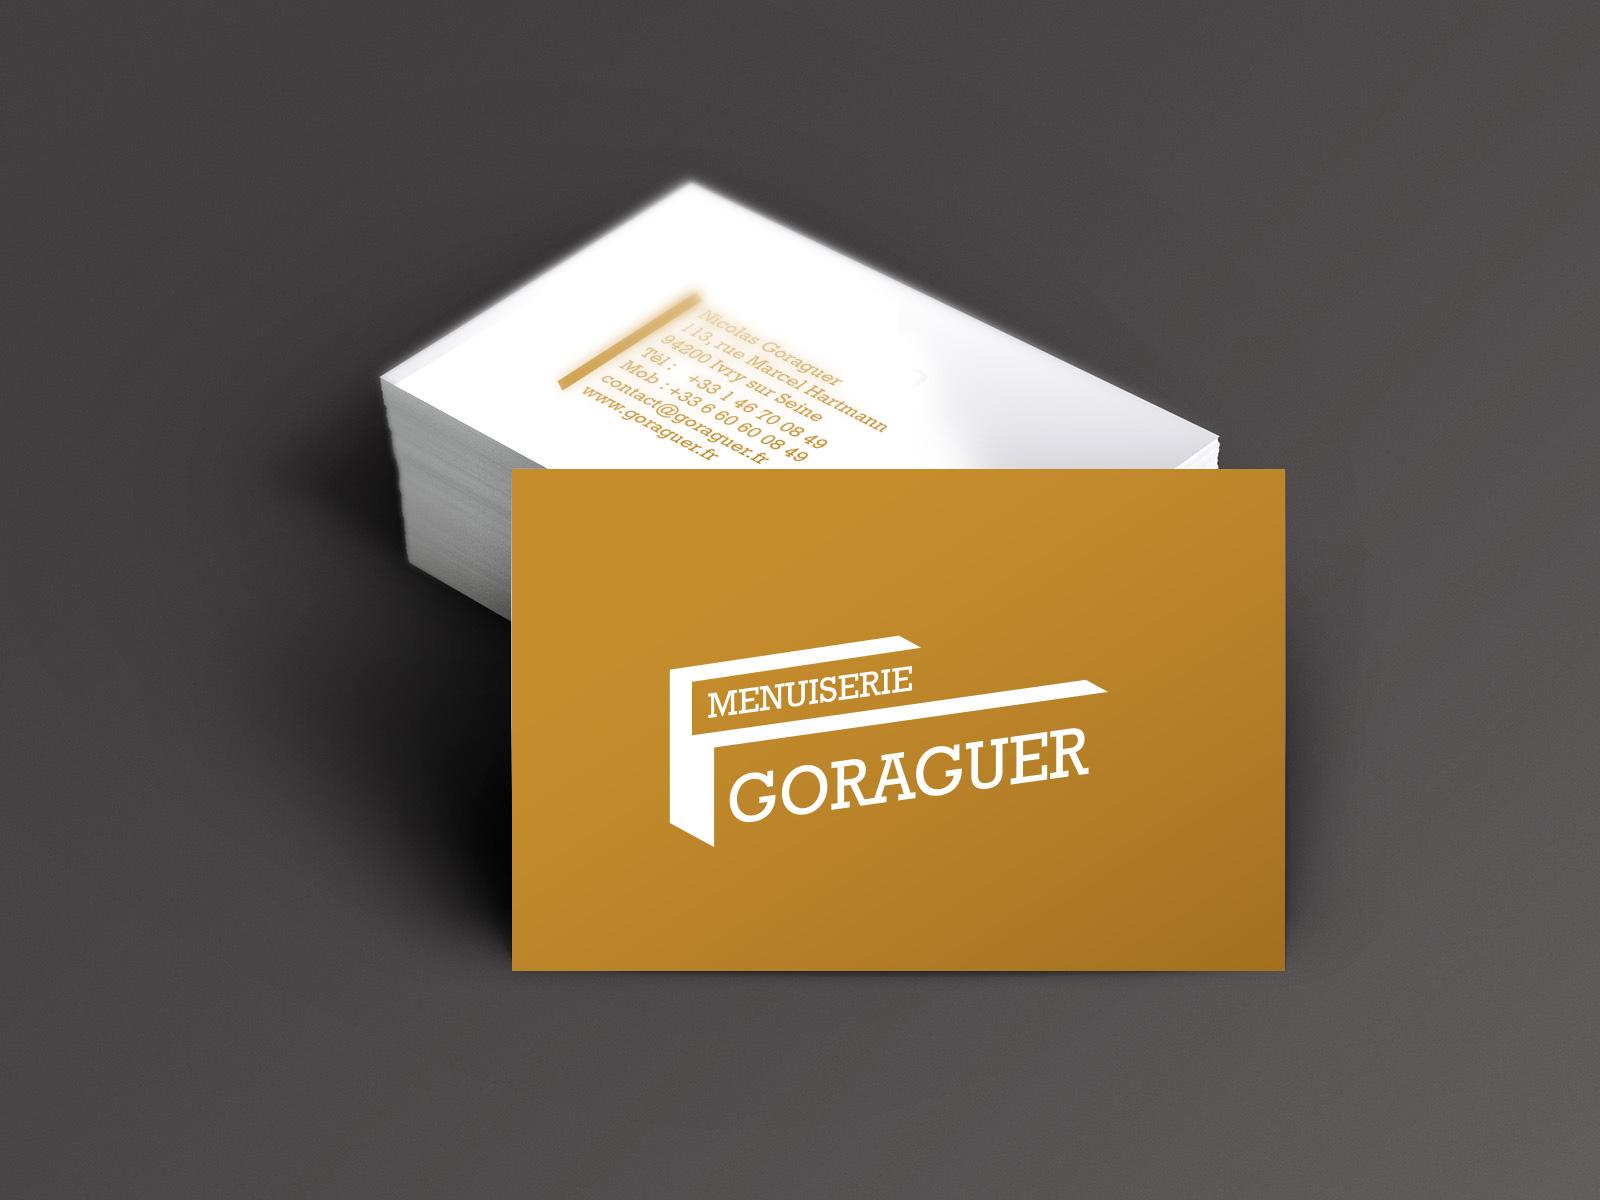 Goraguer